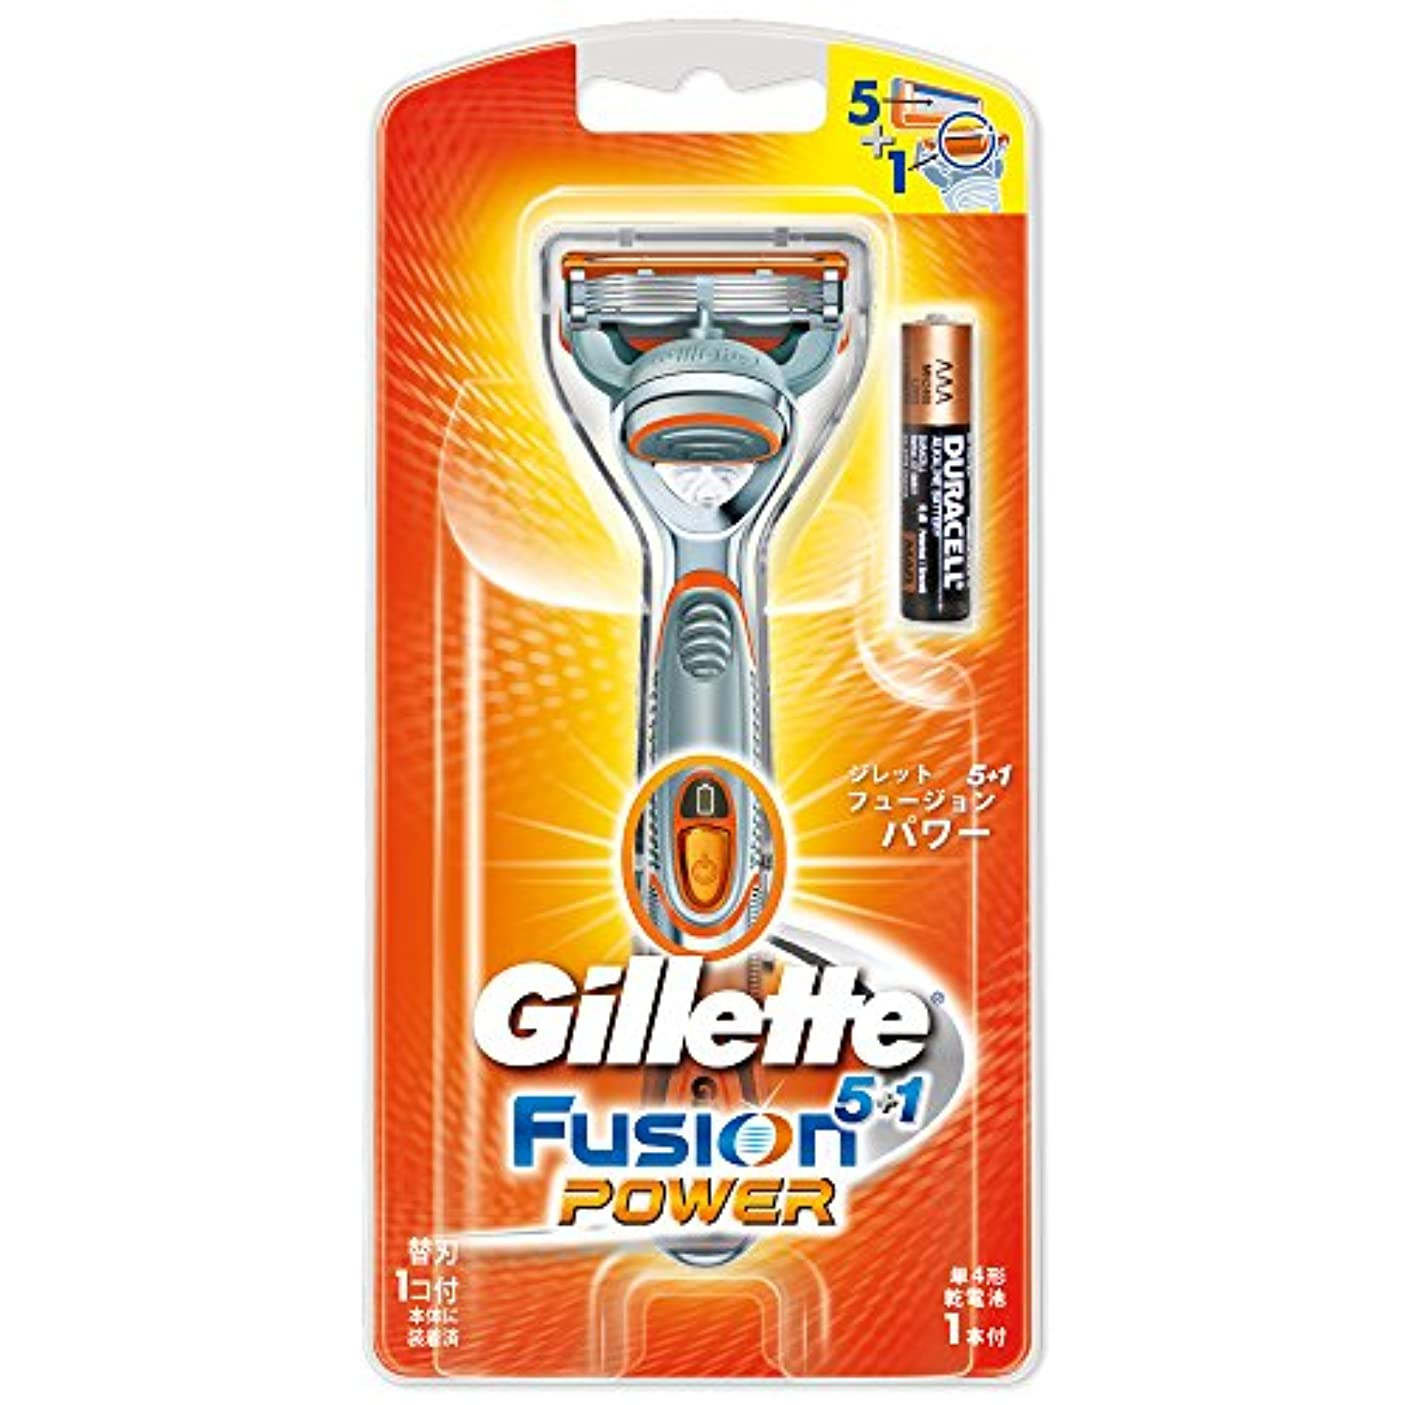 ケニアピストル弱めるジレット 髭剃り フュージョン5+1 パワー 本体